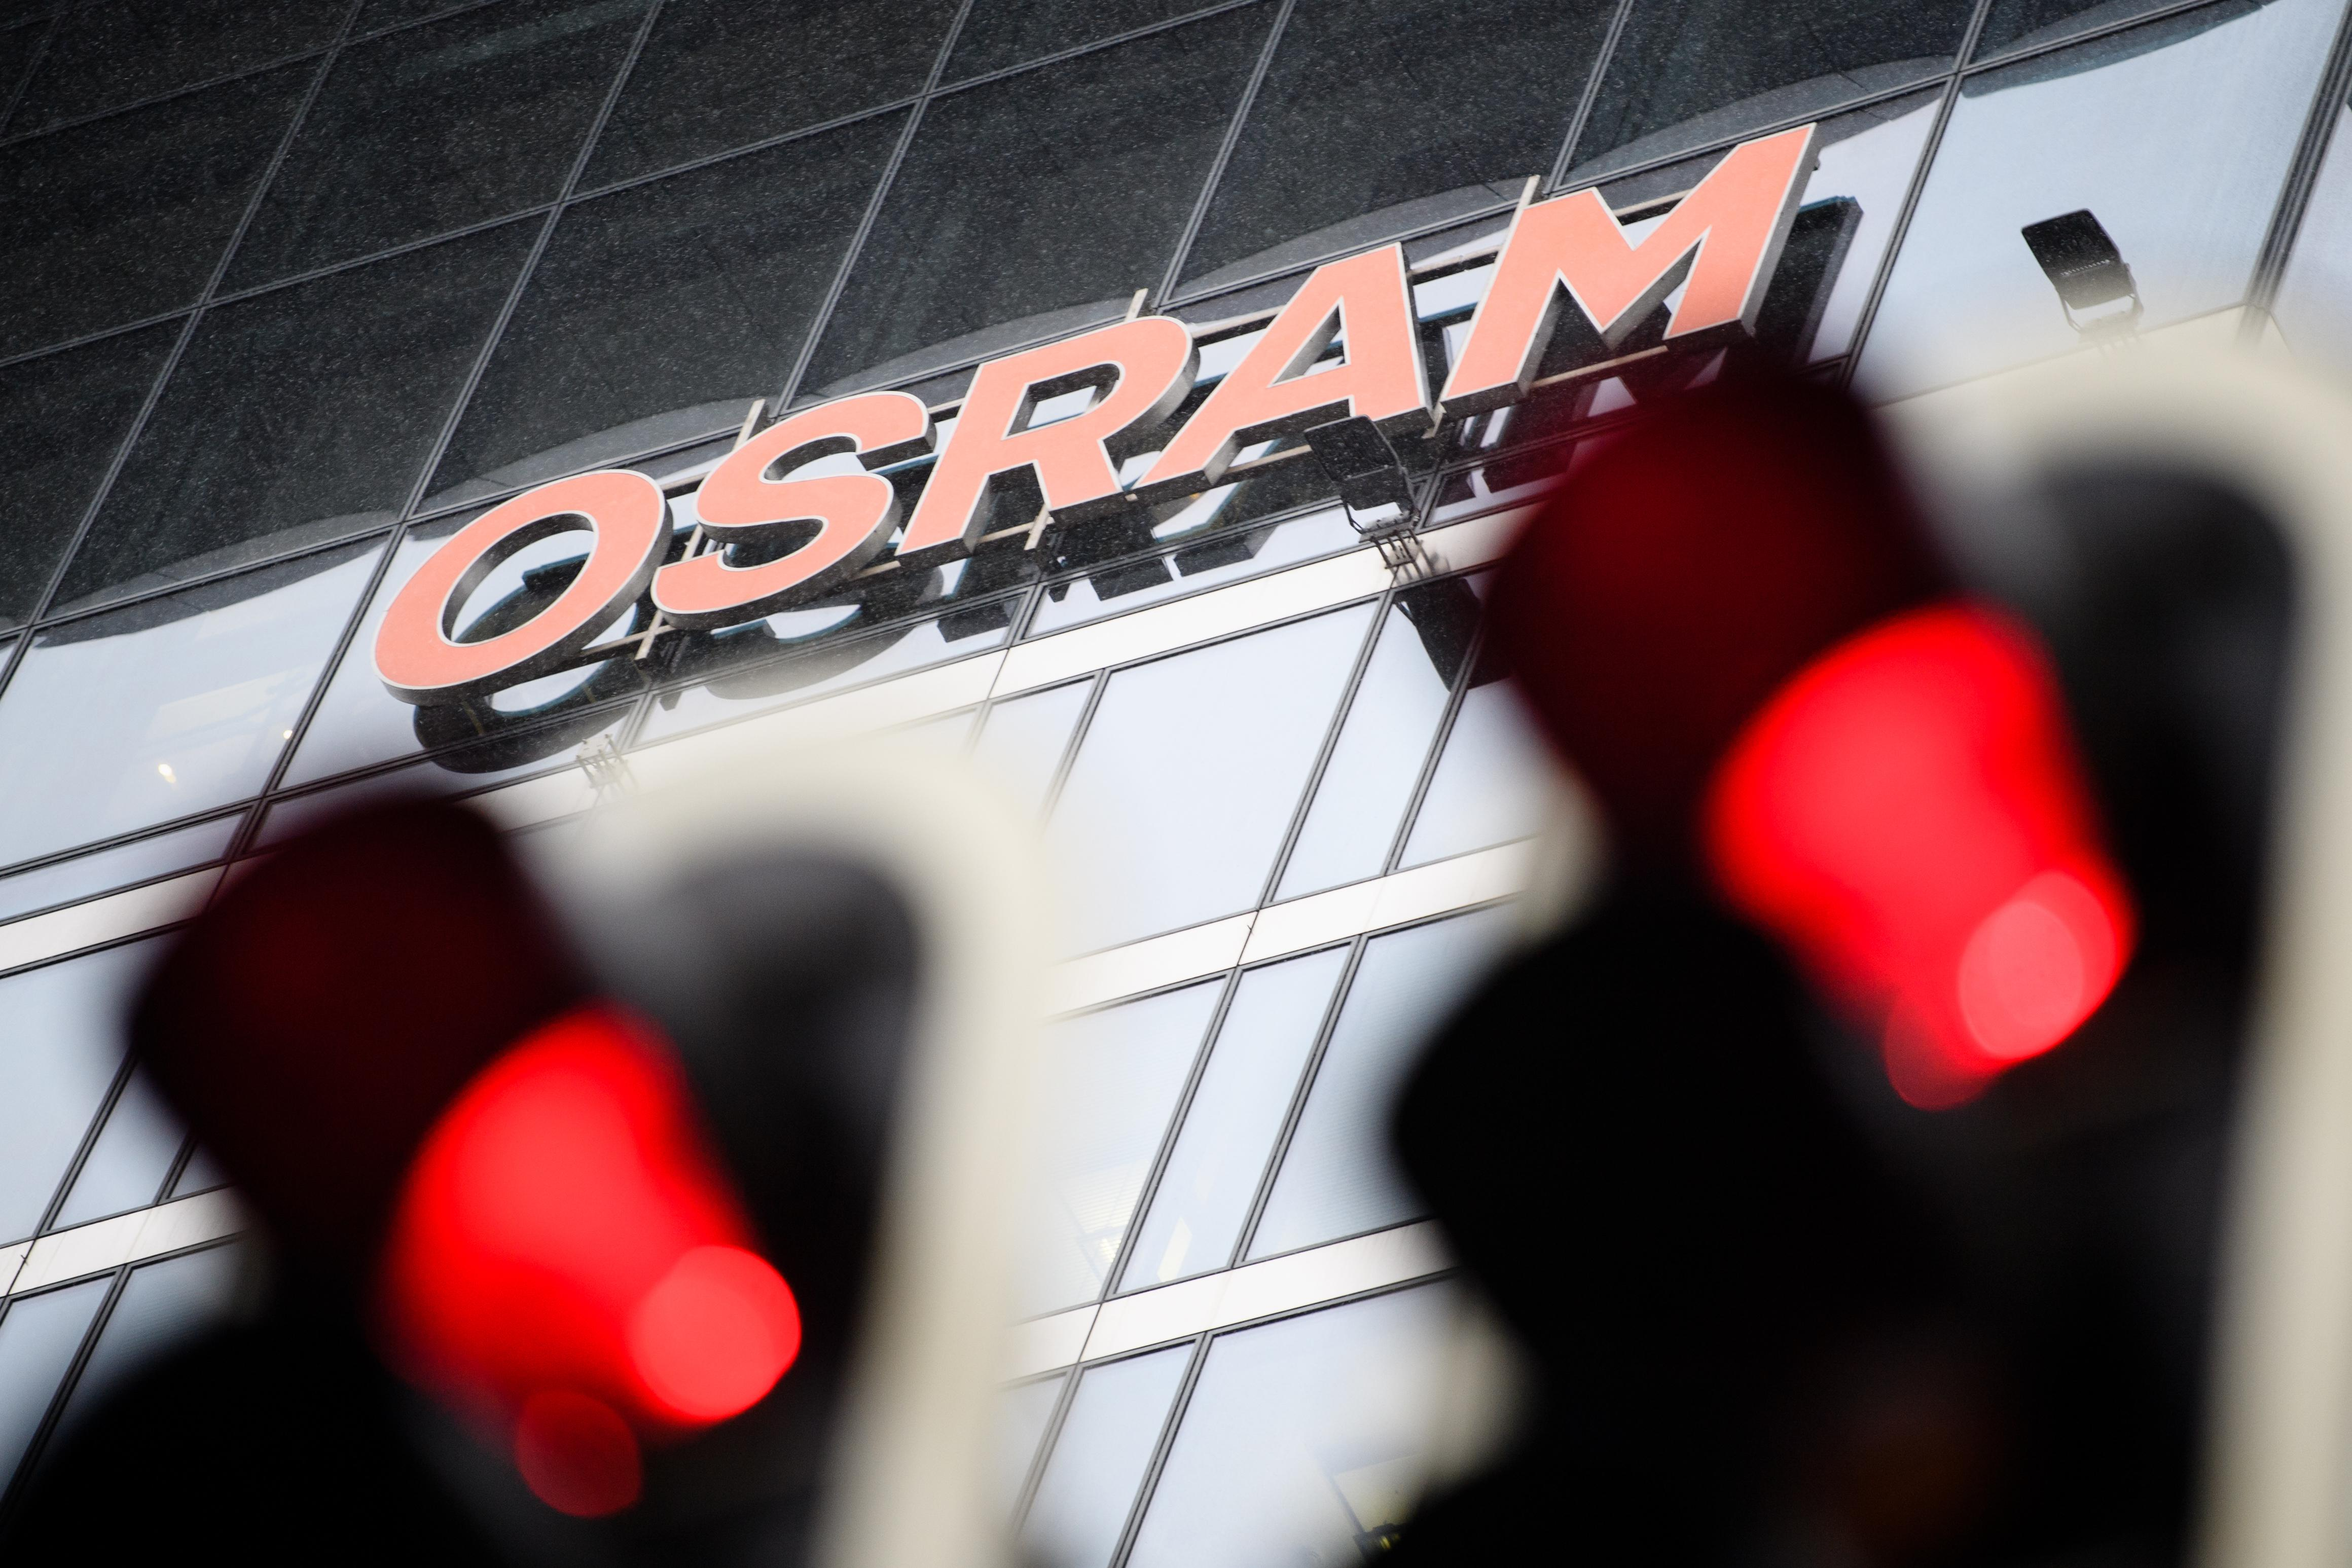 Zwei Ampeln leuchten rot vor der Osram Zentrale in München